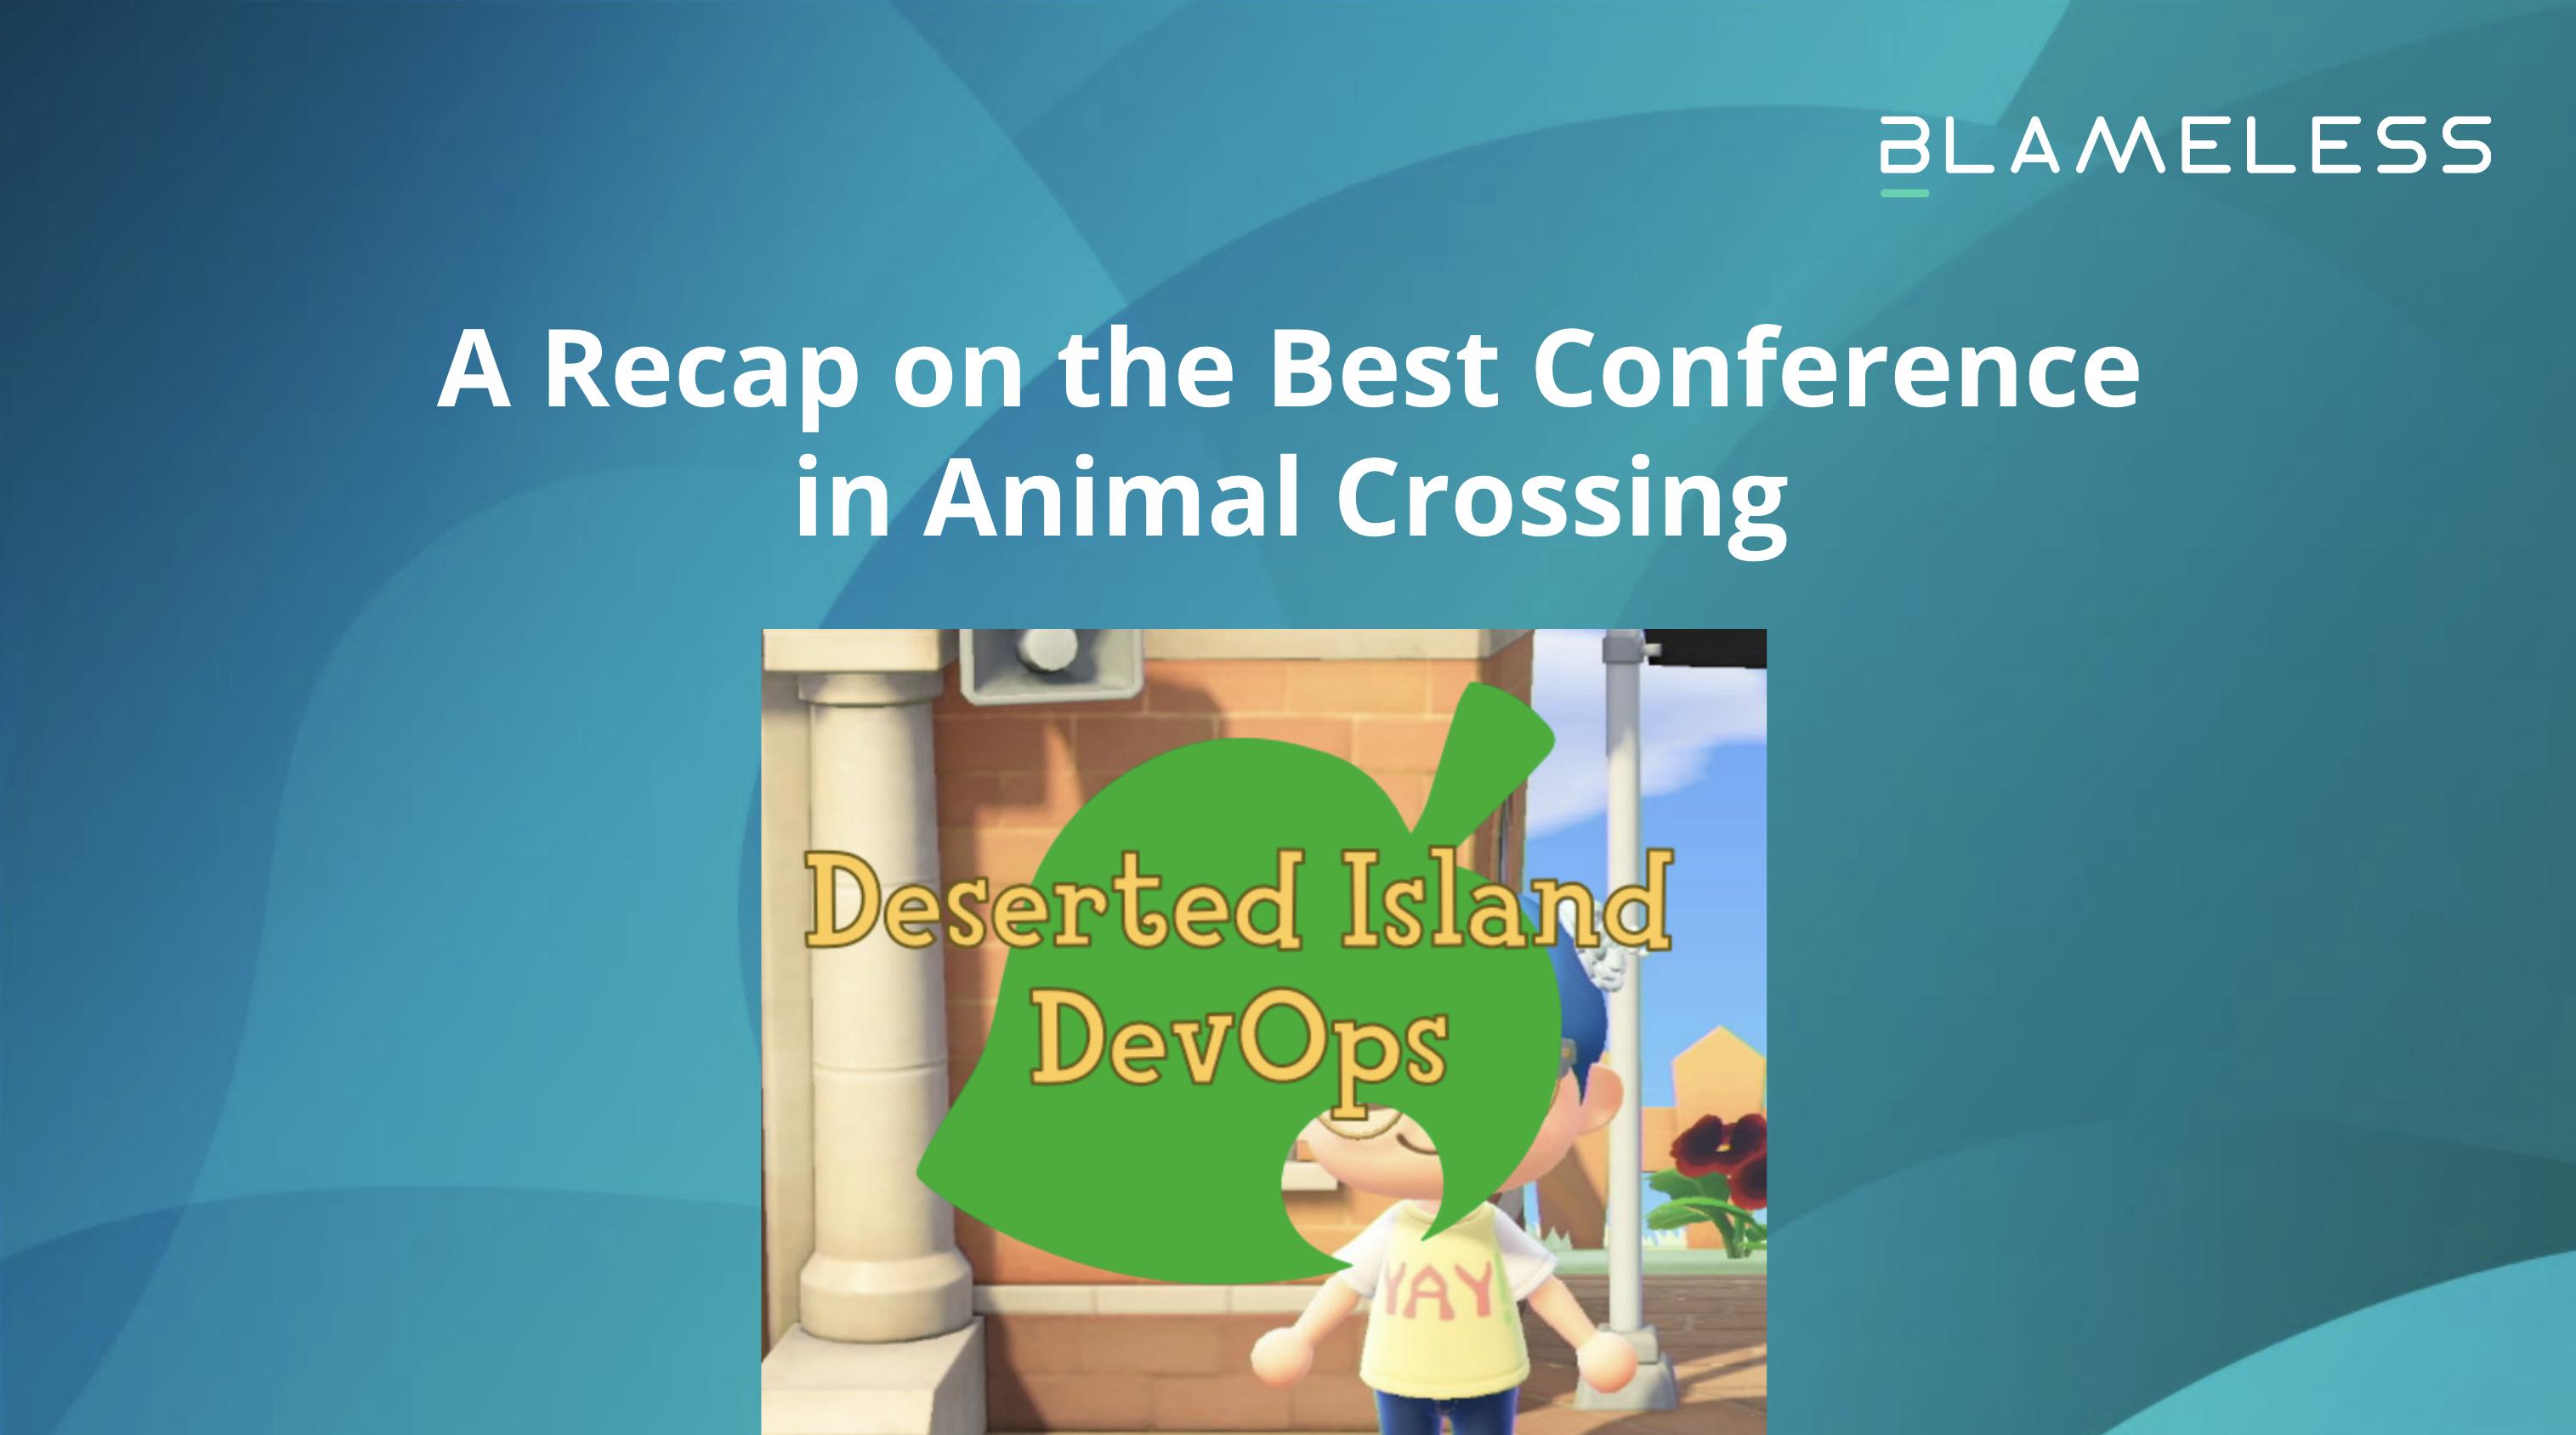 Deserted Island DevOps Recap